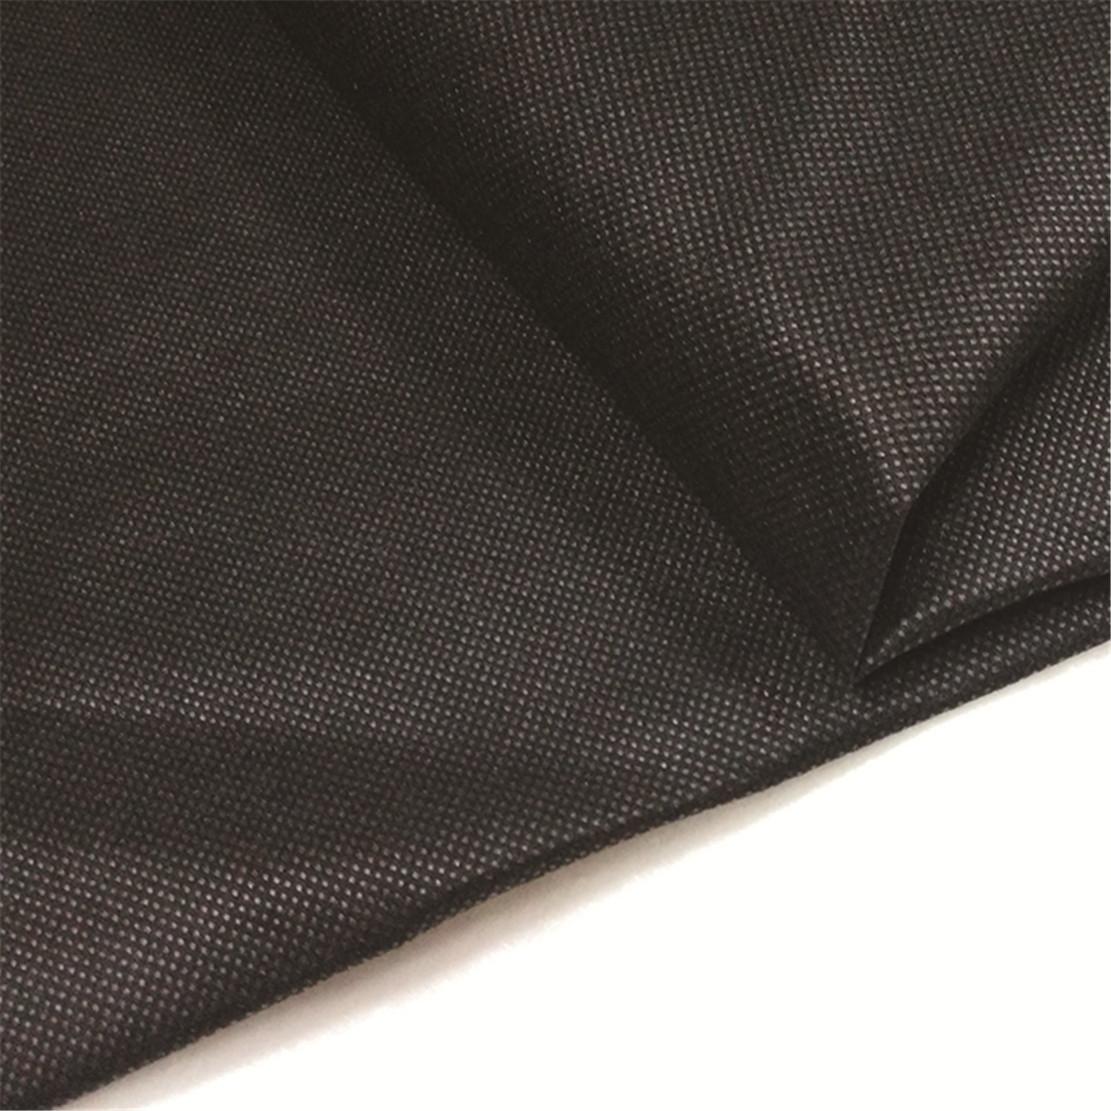 polipropileno pp esteira de tecido de controlo de ervas daninhas / não tecidos agricultura preto 1.6m